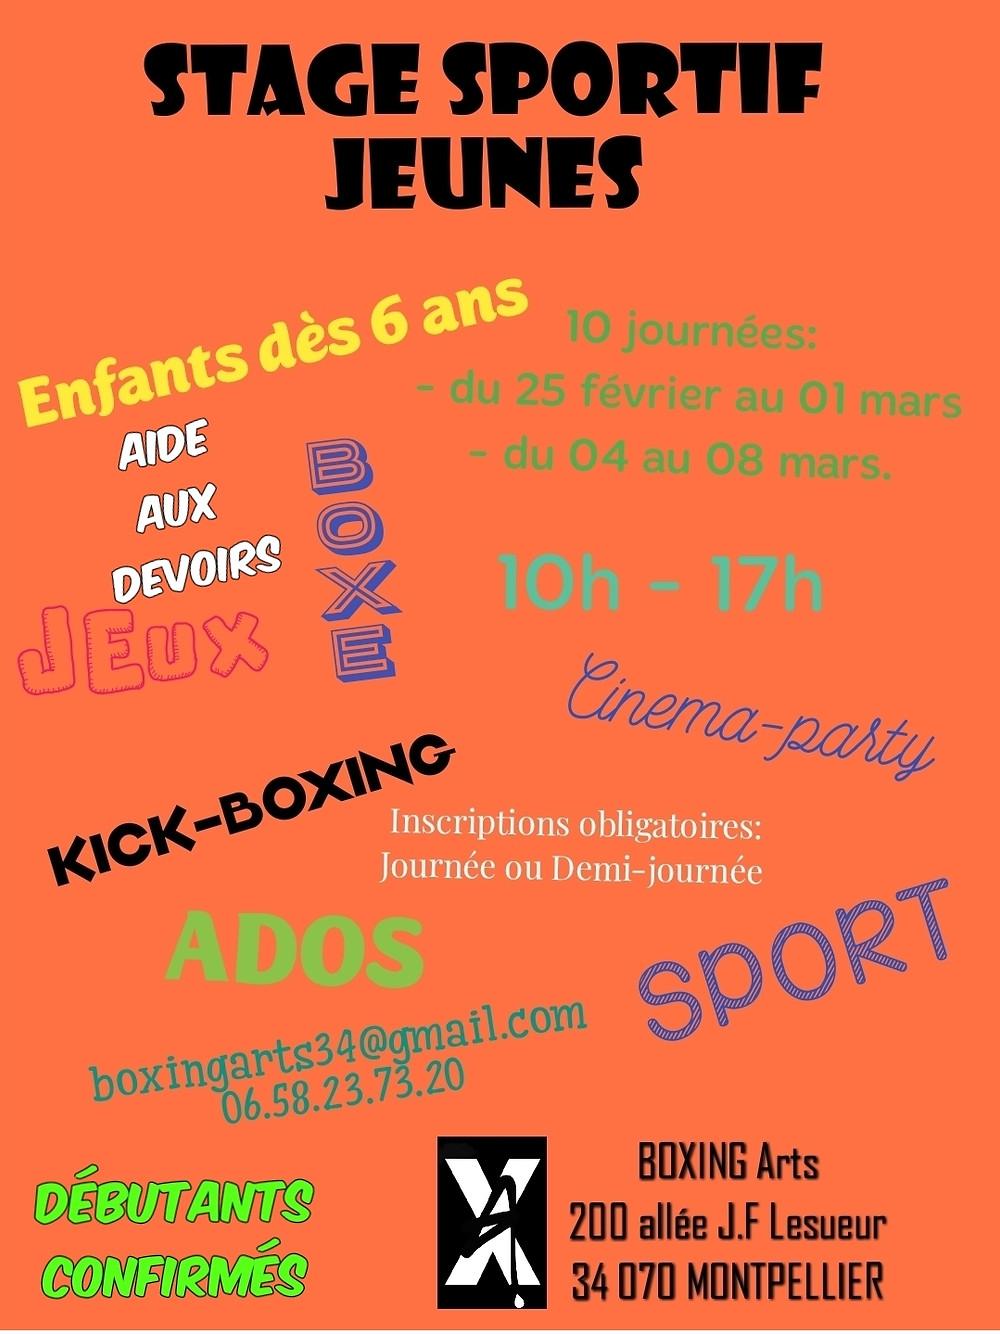 Stage-jeunes oragnisé par l'association BOXING Arts à Montpellier.